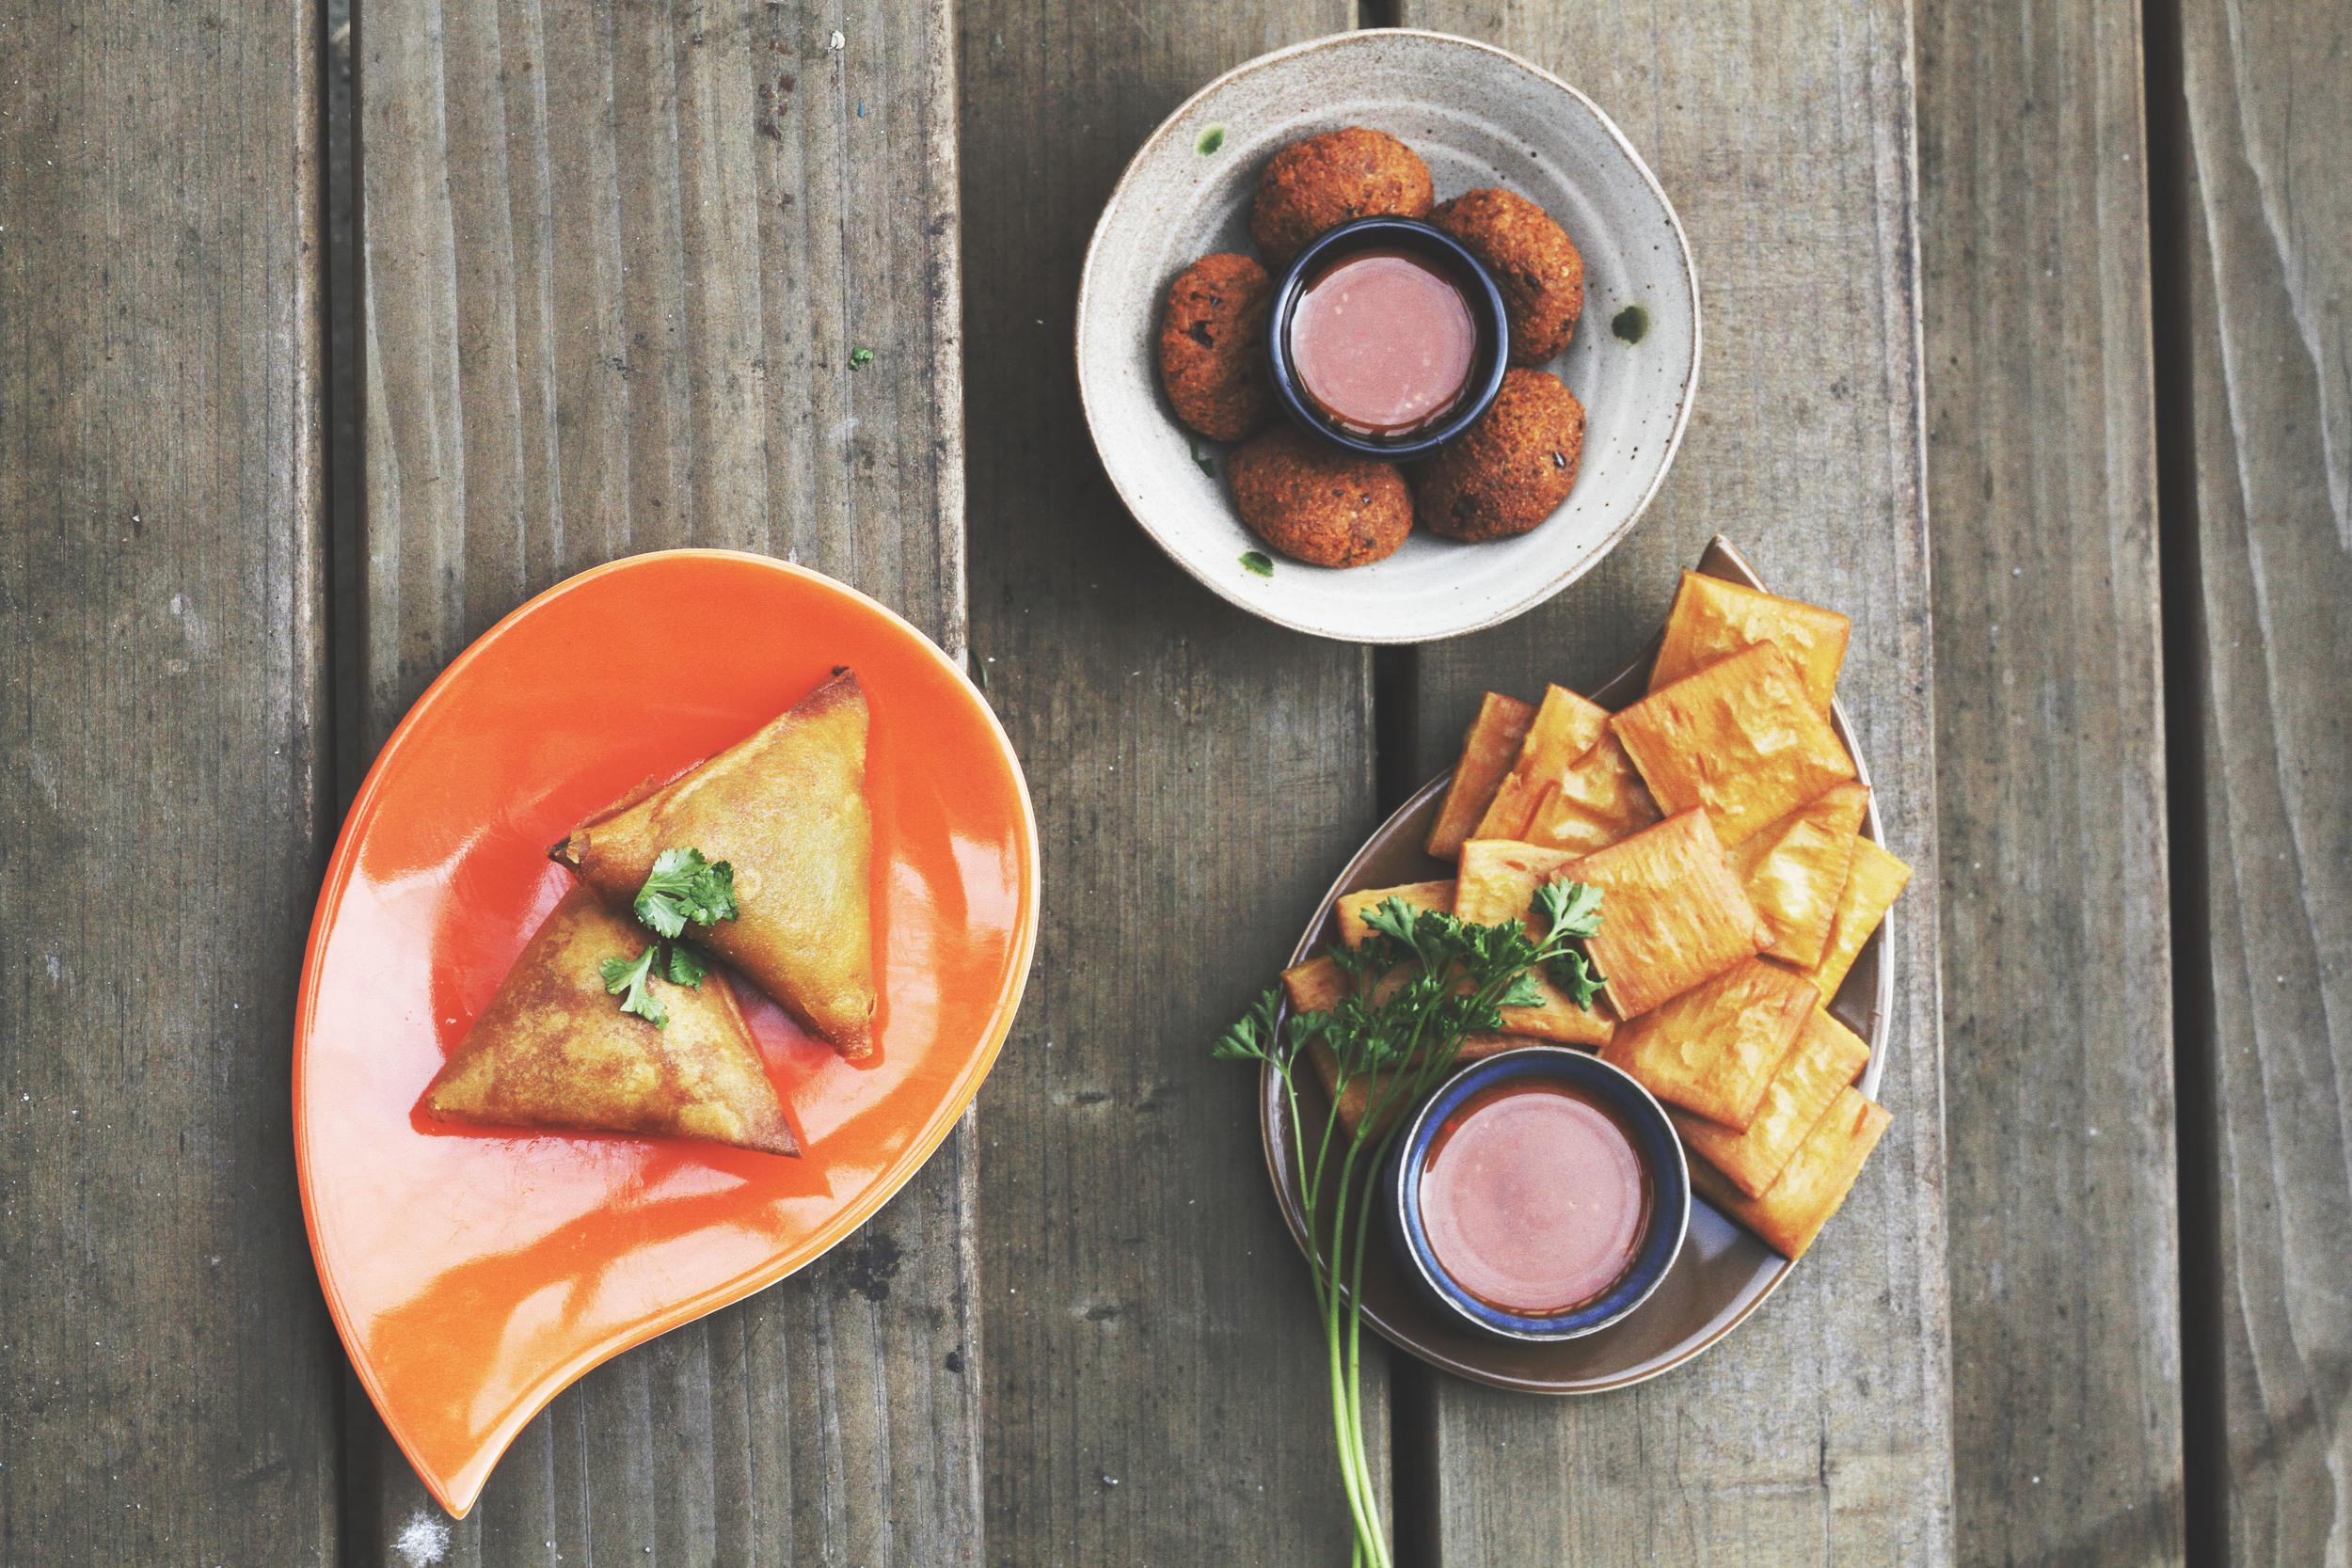 burmese-kitchen-combo-fried-platter